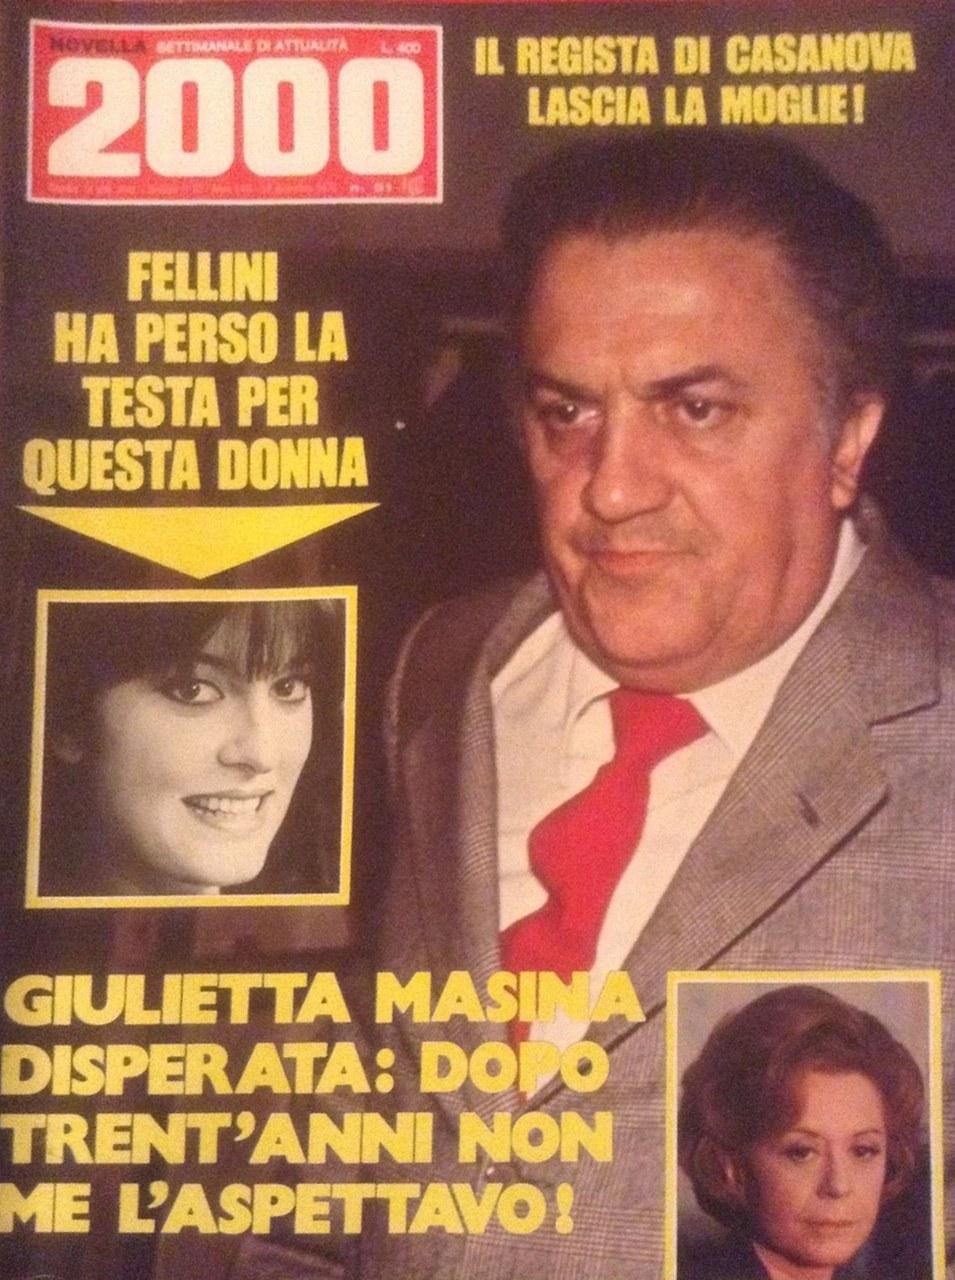 Fig. 5 Giulietta Masina nella copertina di Novella 2000 del 1976